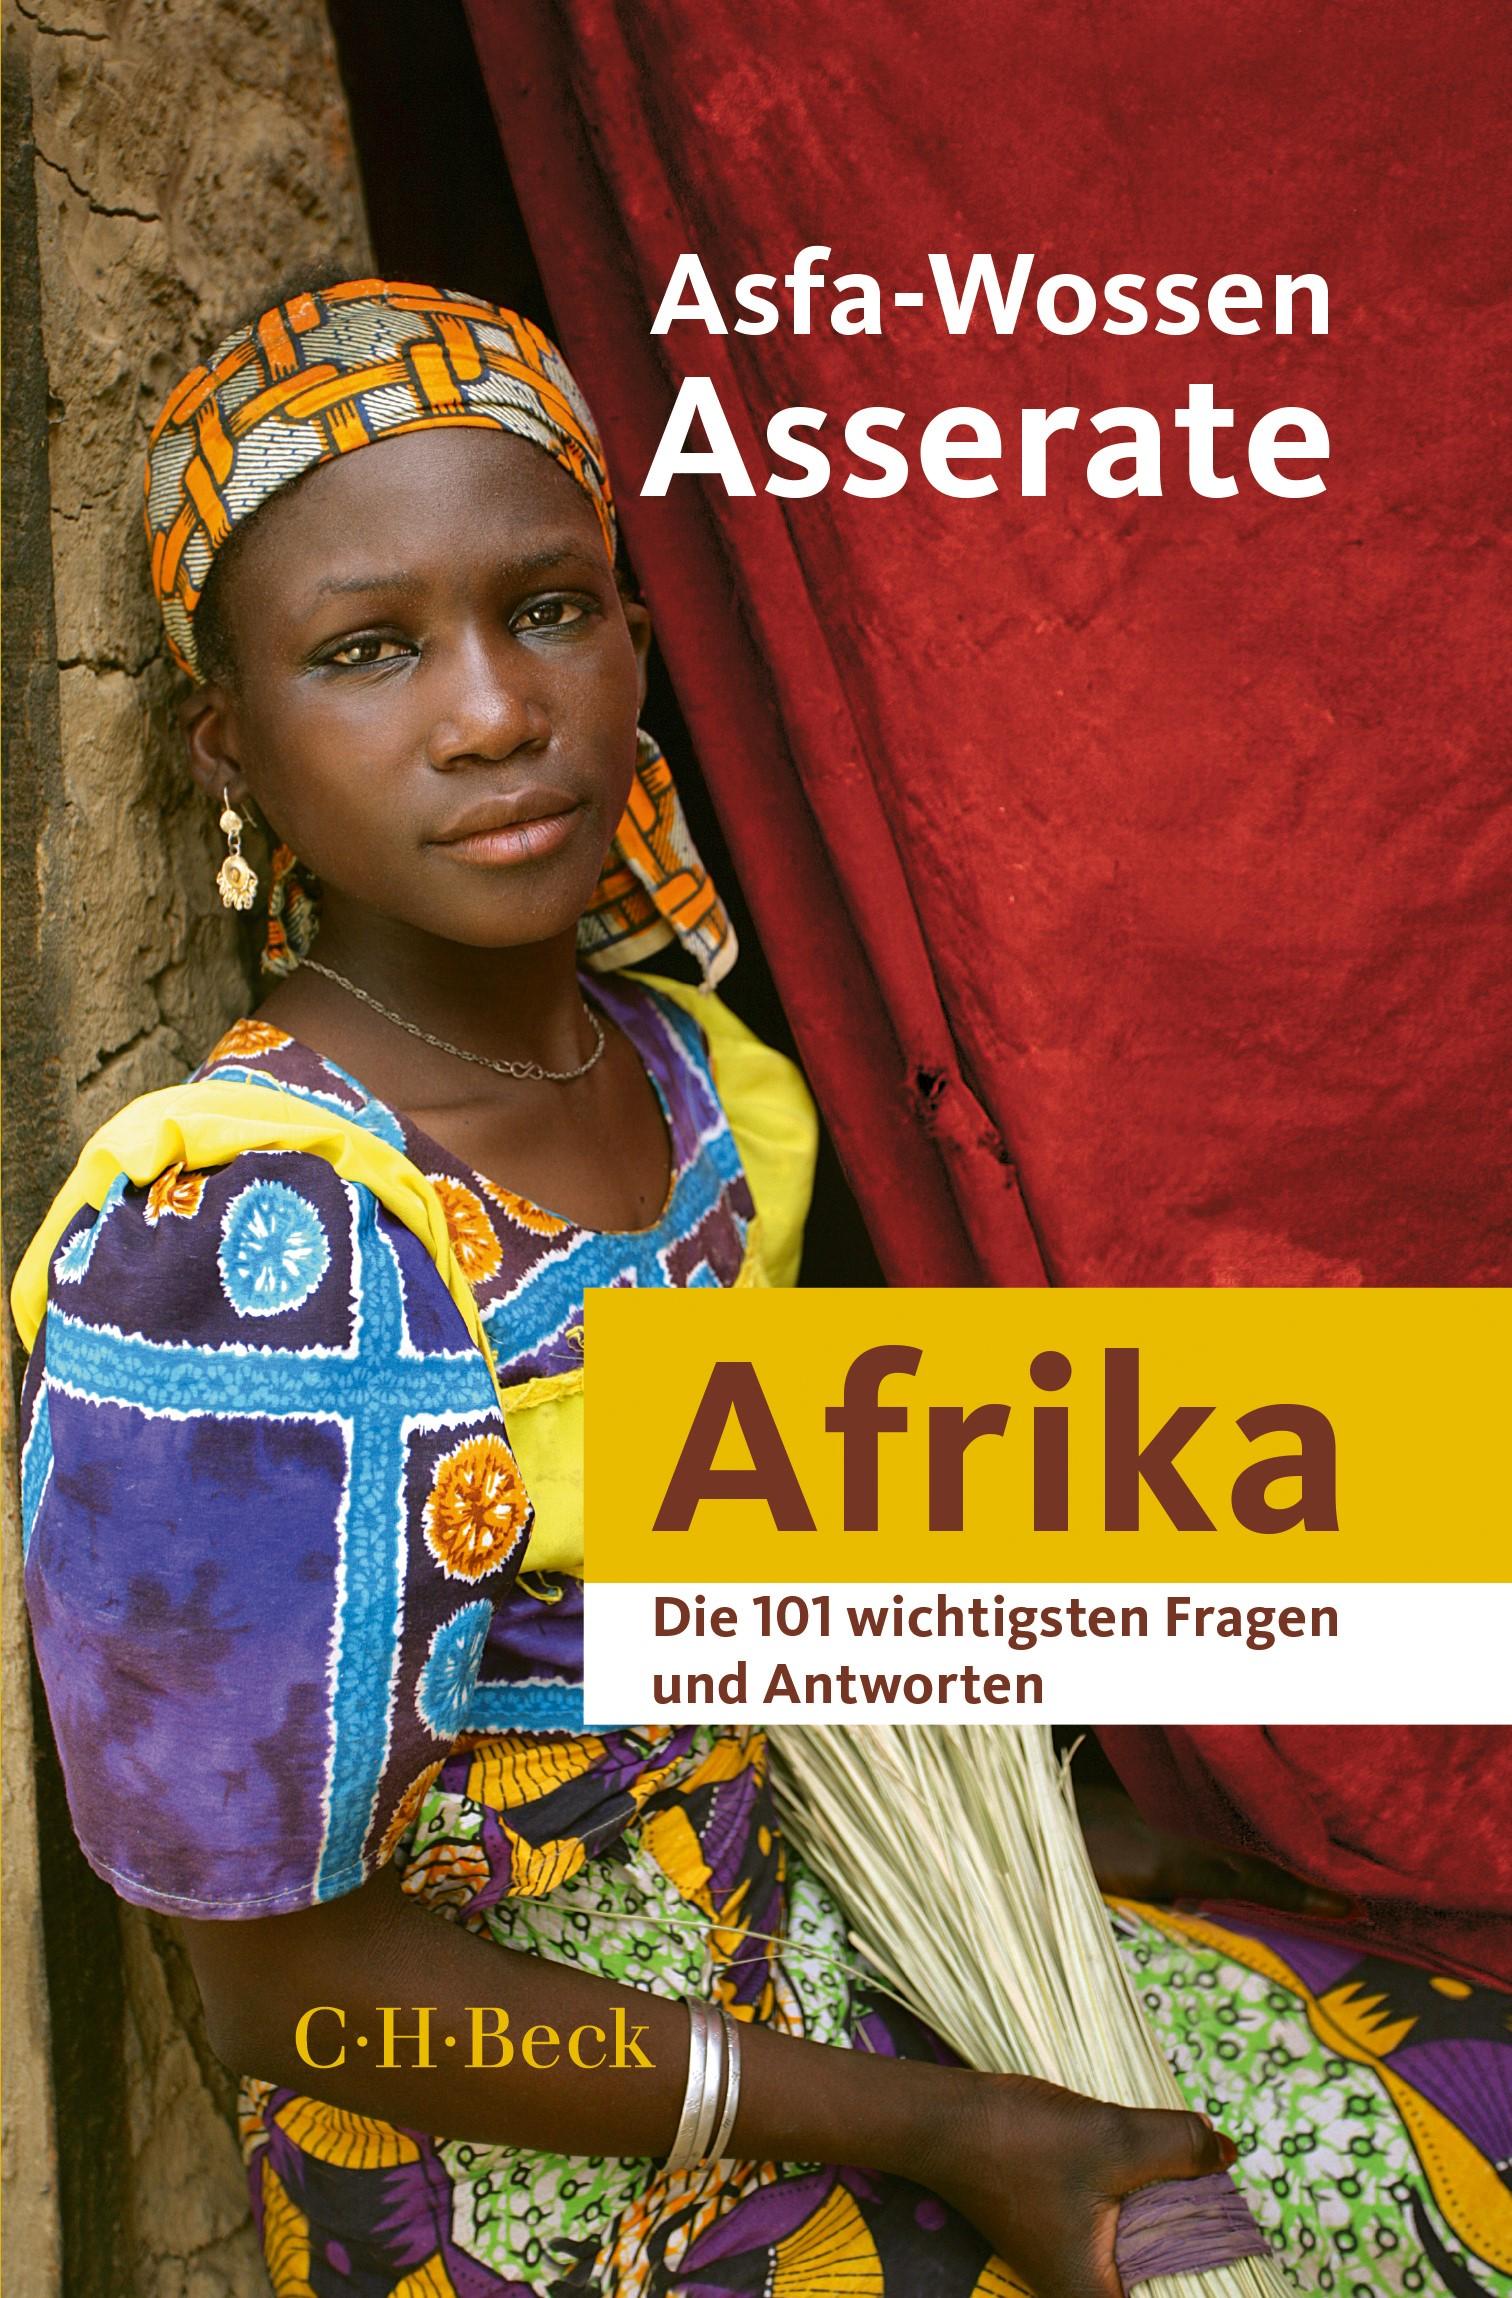 Abbildung von Asserate, Asfa-Wossen | Die 101 wichtigsten Fragen und Antworten - Afrika | 2., überarbeitete und aktualisierte und mit einem Nachwort versehene Auflage | 2018